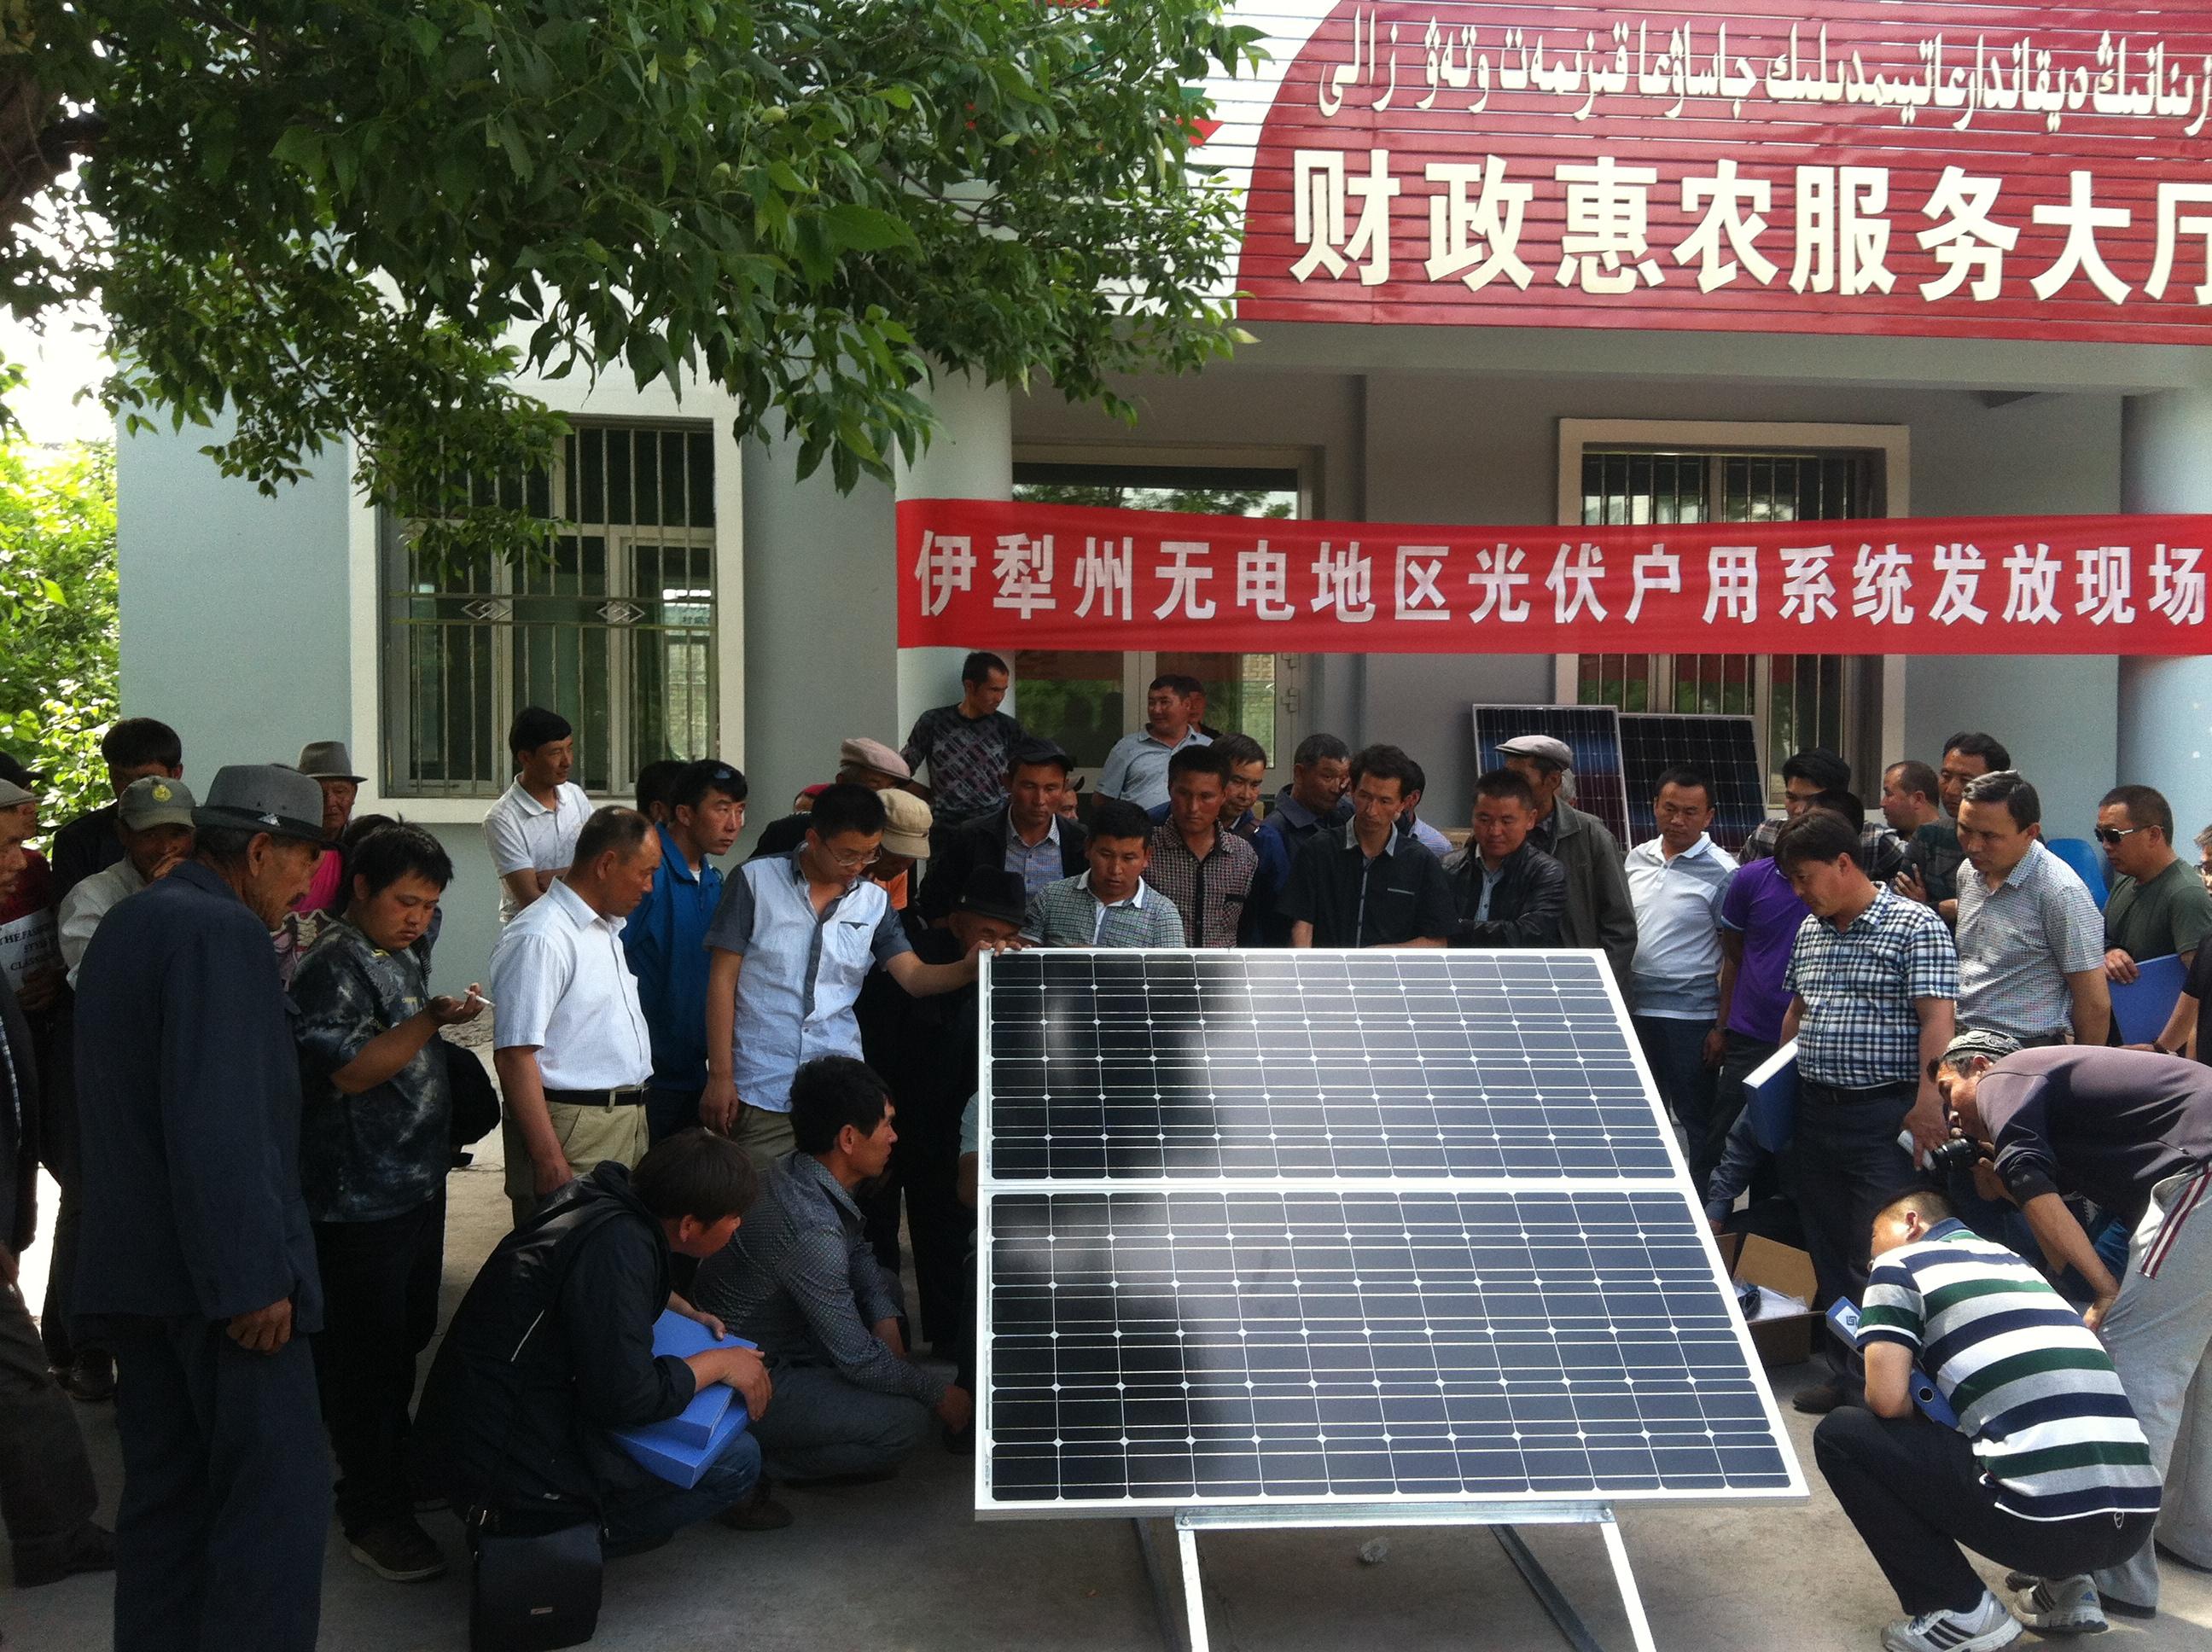 【户用类】新疆无电地区电力建设户用光伏发电工程